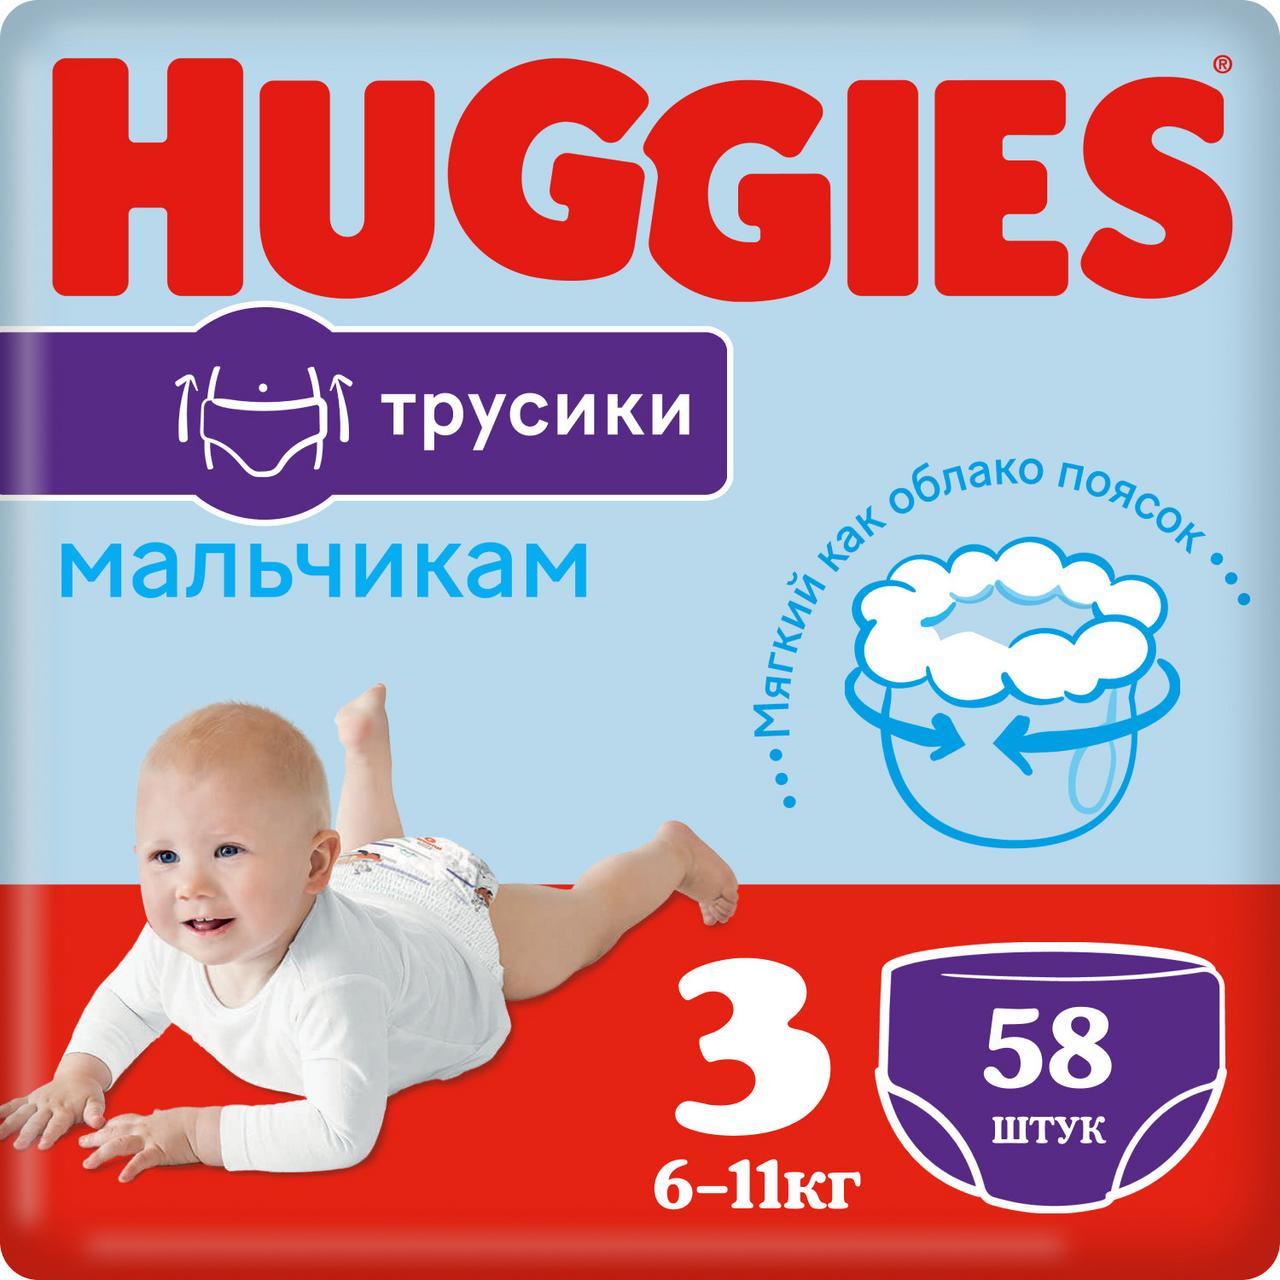 Трусики HUGGIES для мальчиков 3 (7-11кг), 58 шт.